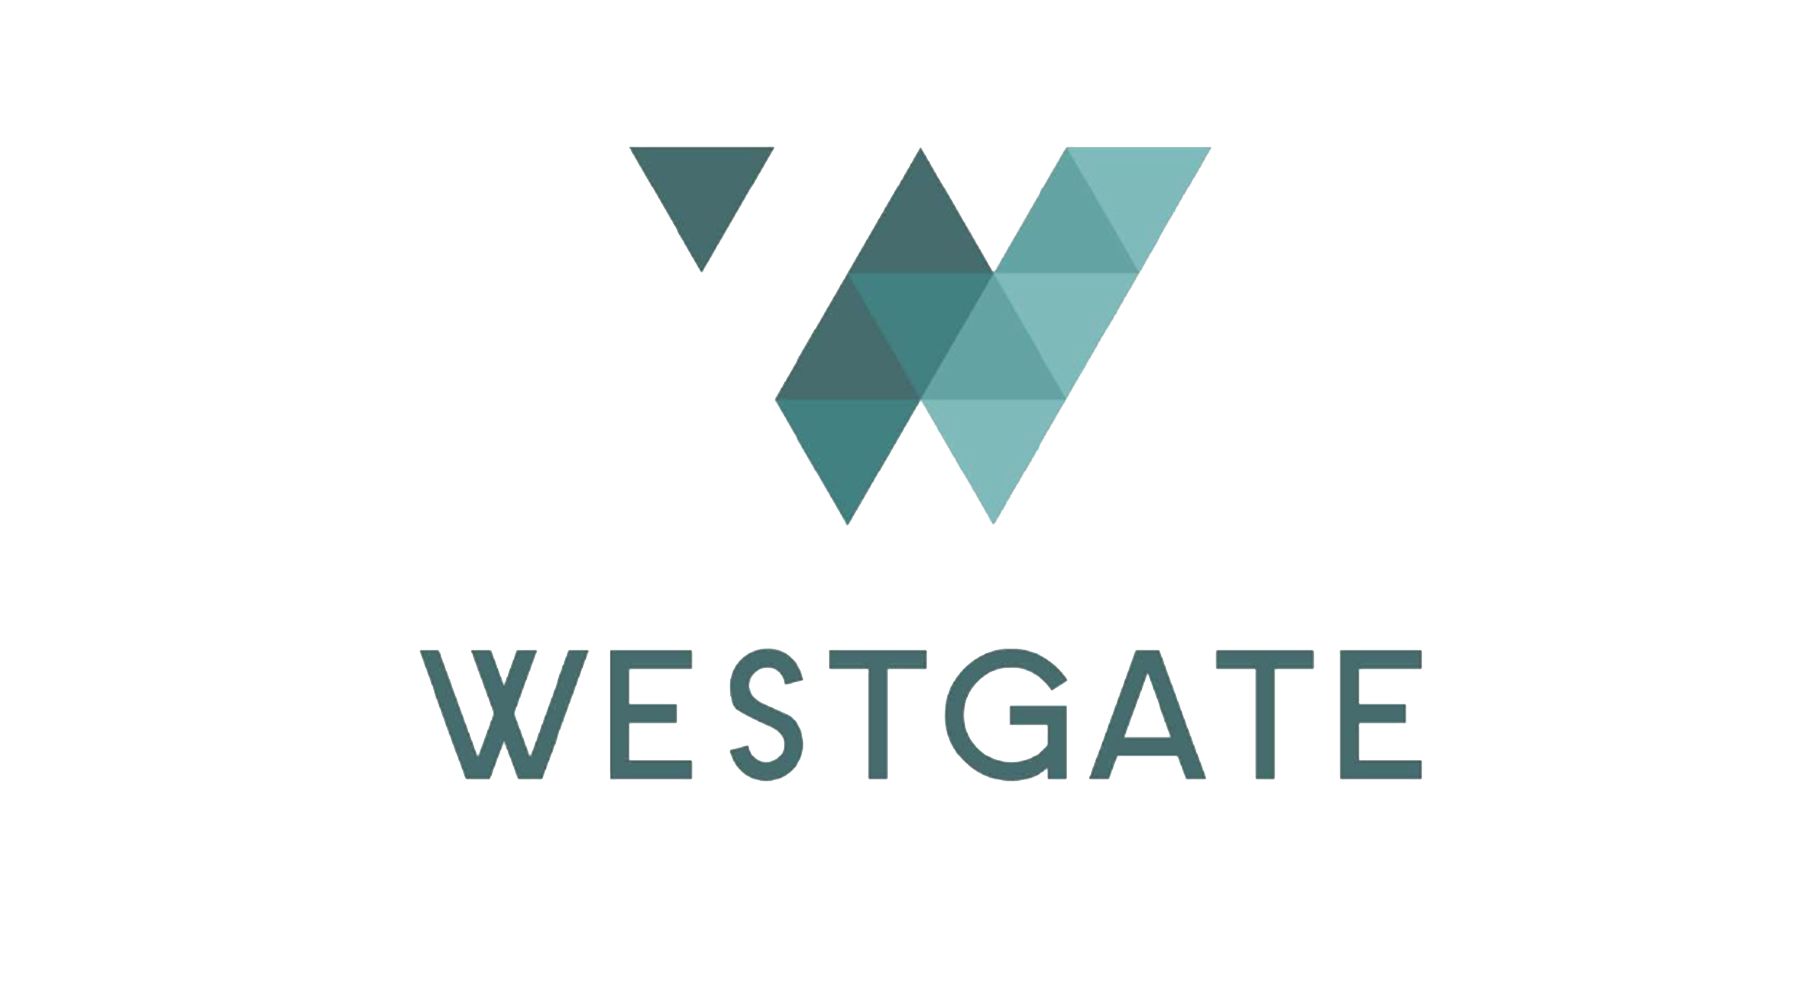 Căn hộ West Gate Bình Chánh